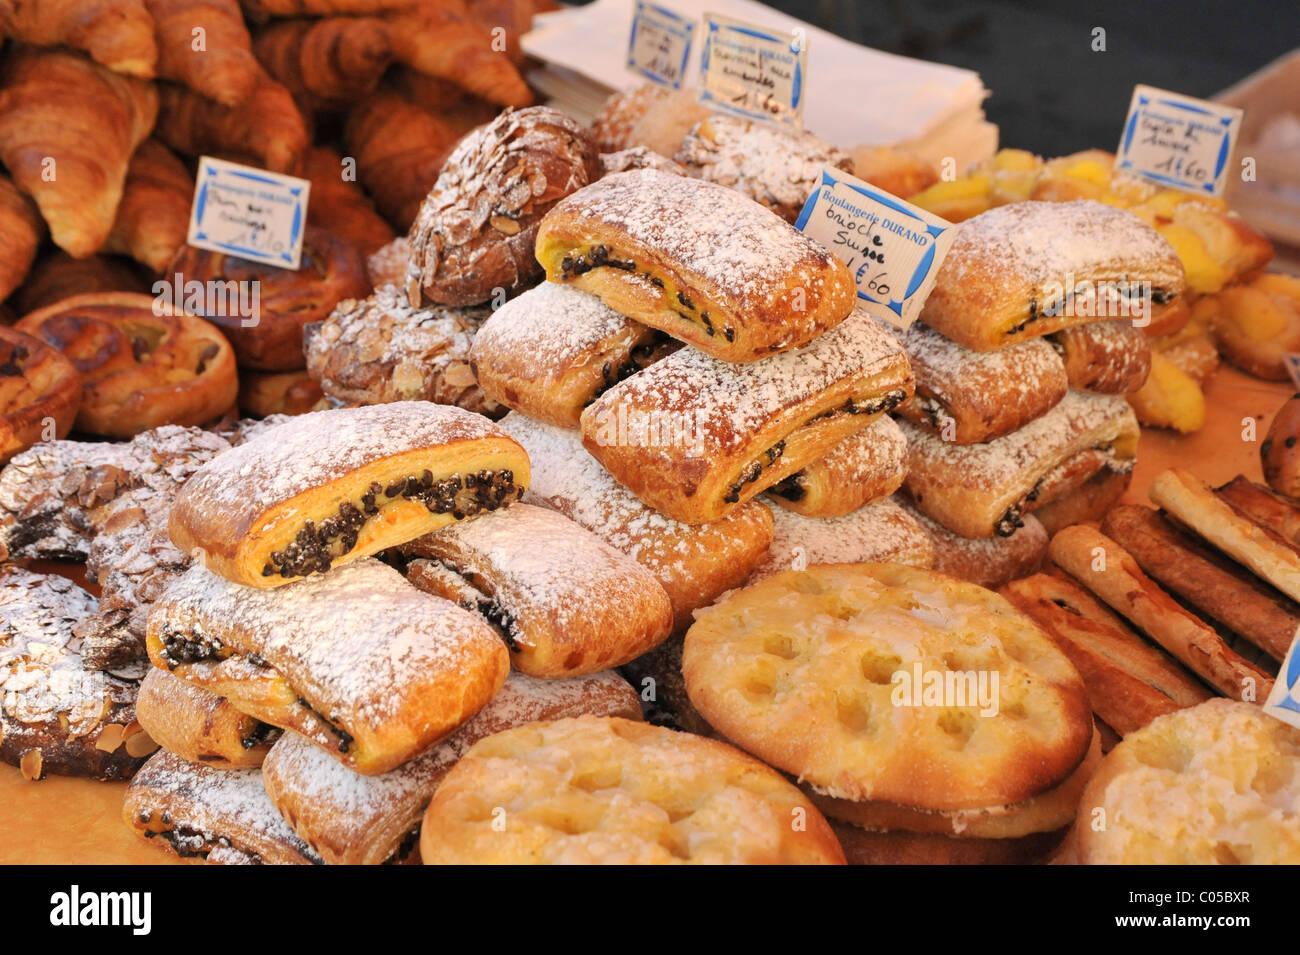 Kchen Zum Verkauf Greres Bild With Kchen Zum Verkauf